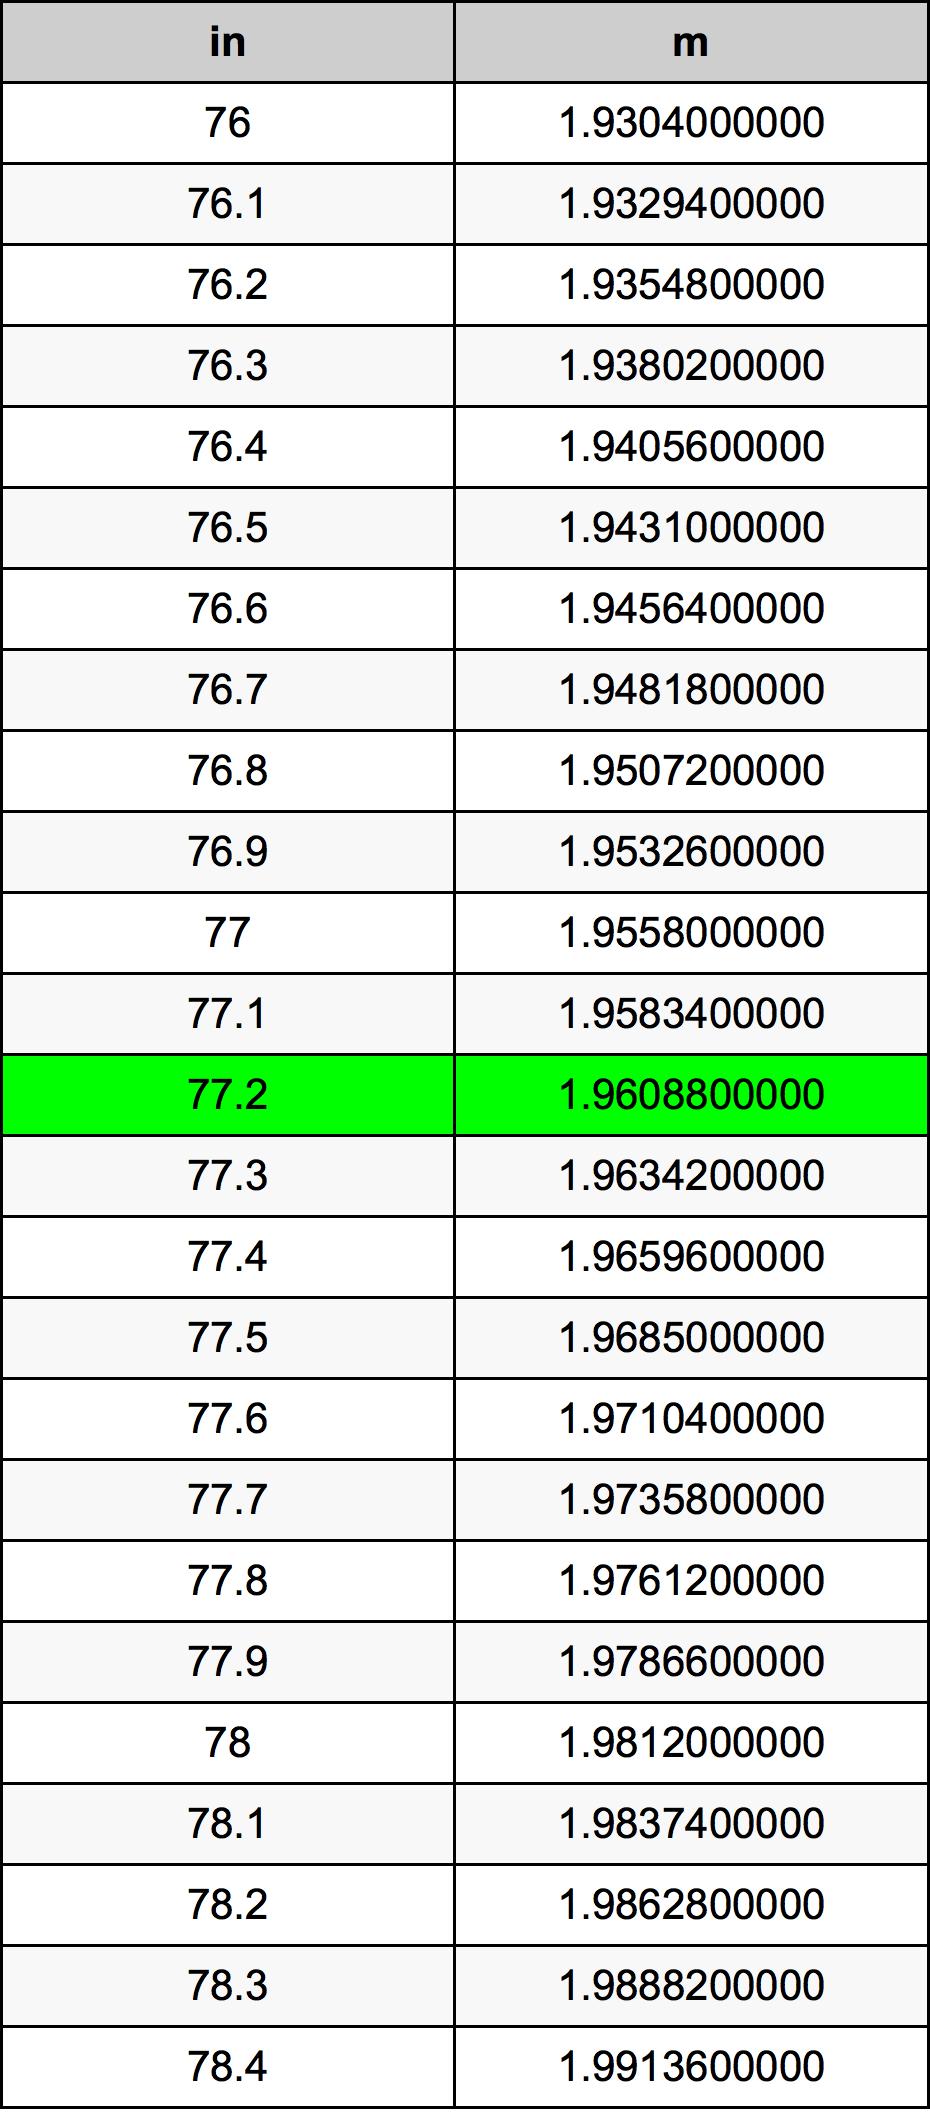 77.2 дюйм Таблиця перетворення